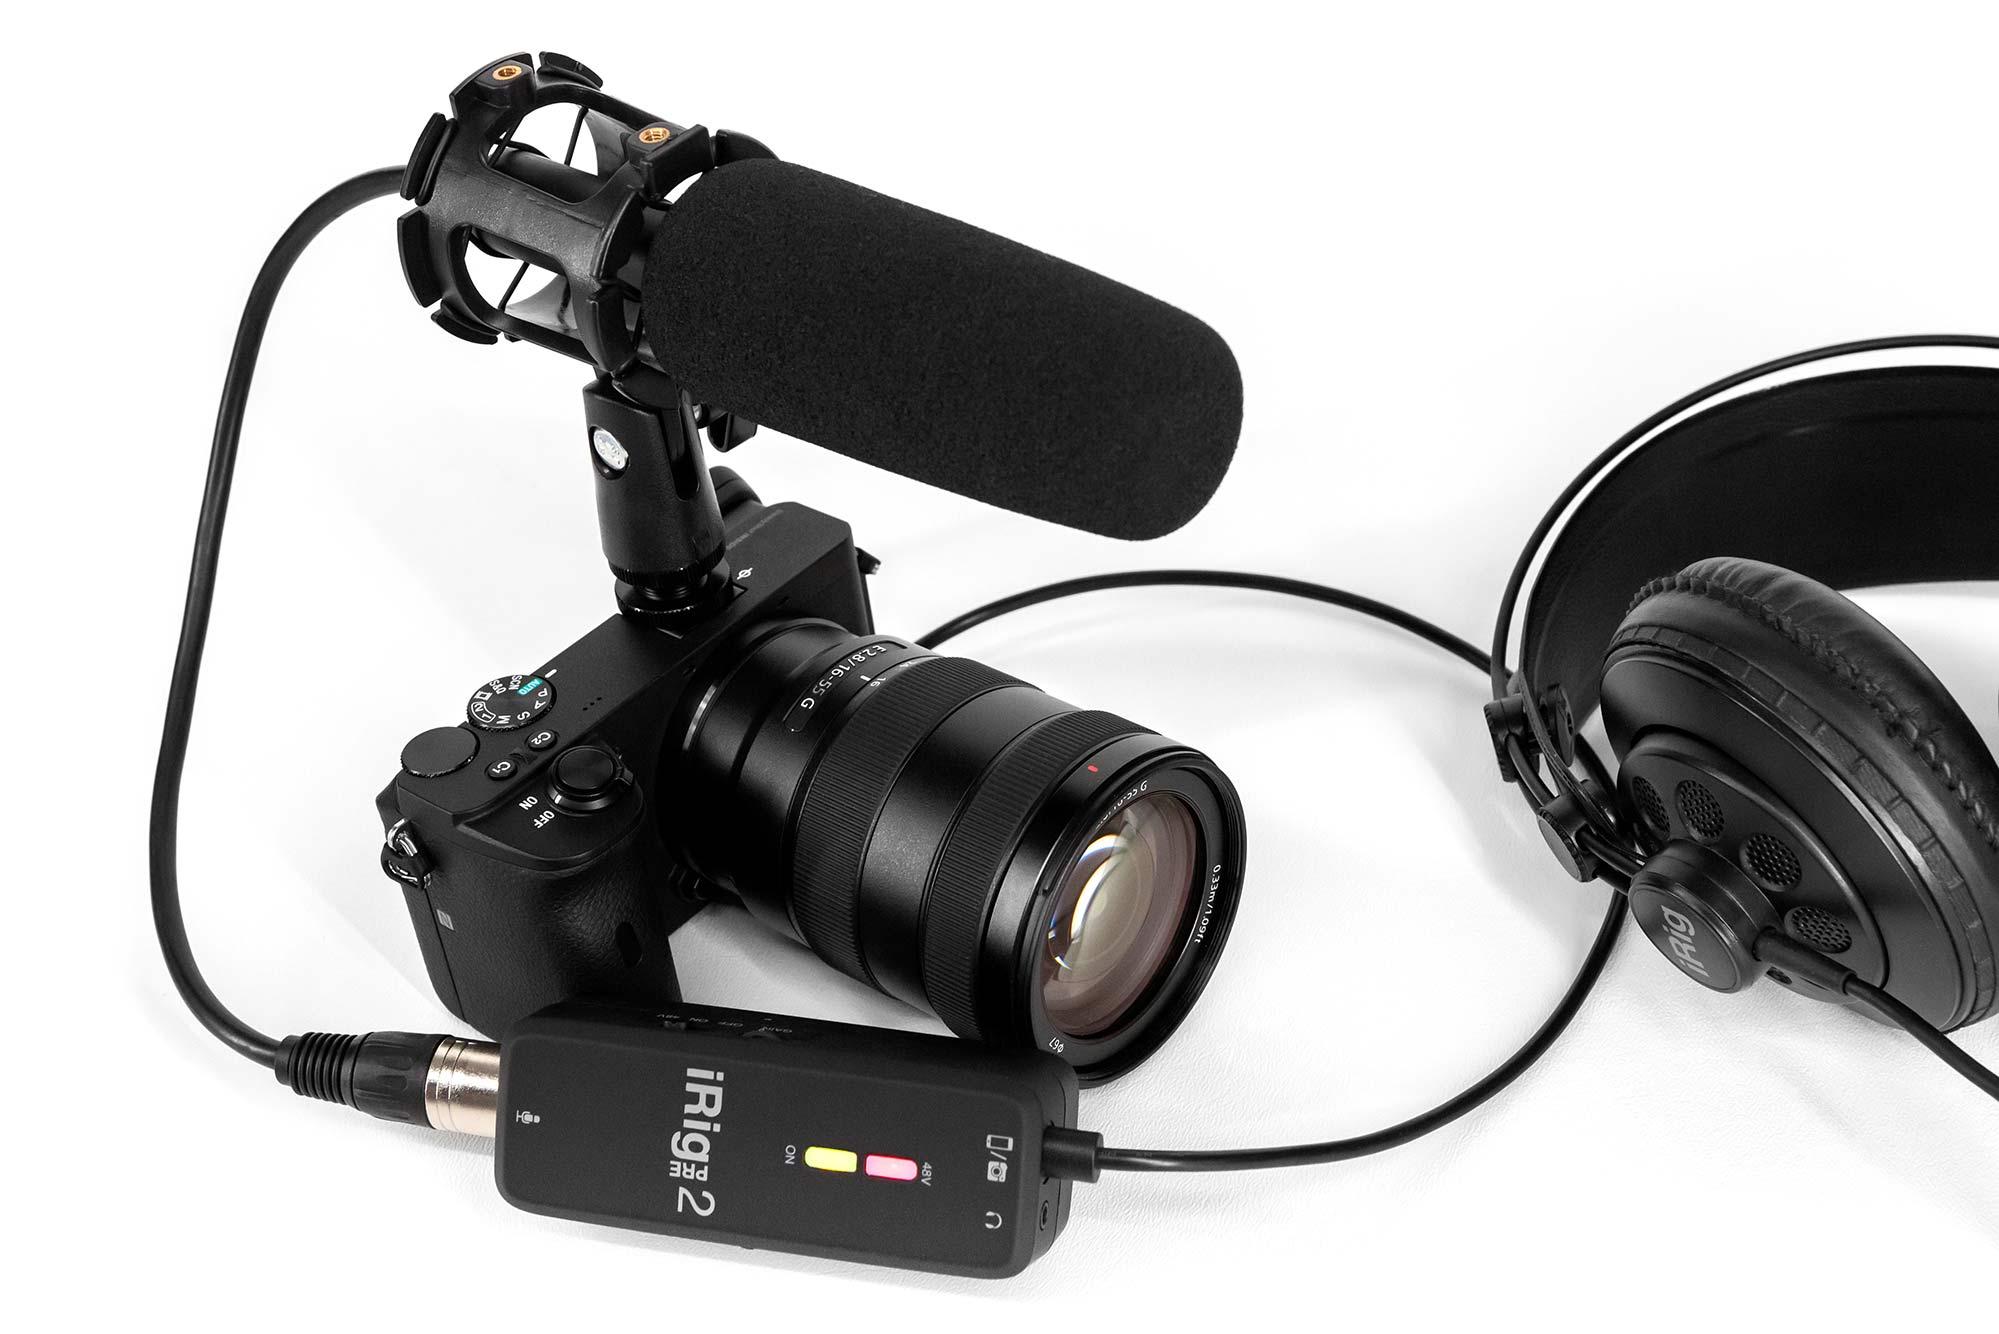 iRig Pre 2 with DSLR Camera